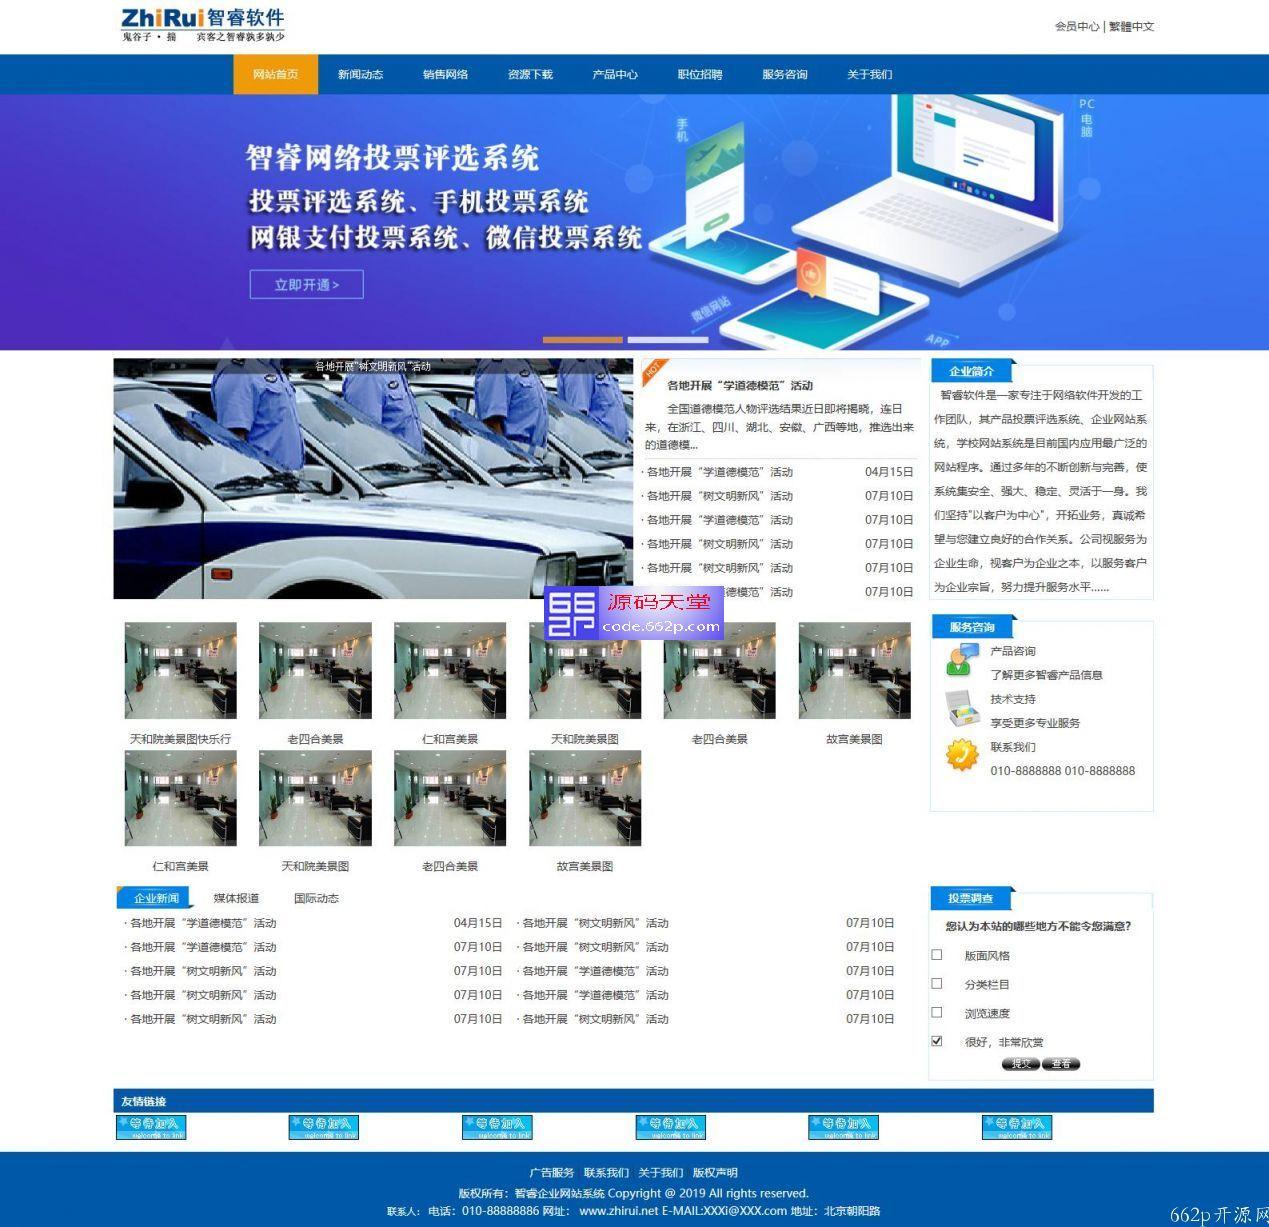 智睿企业网站管理系统